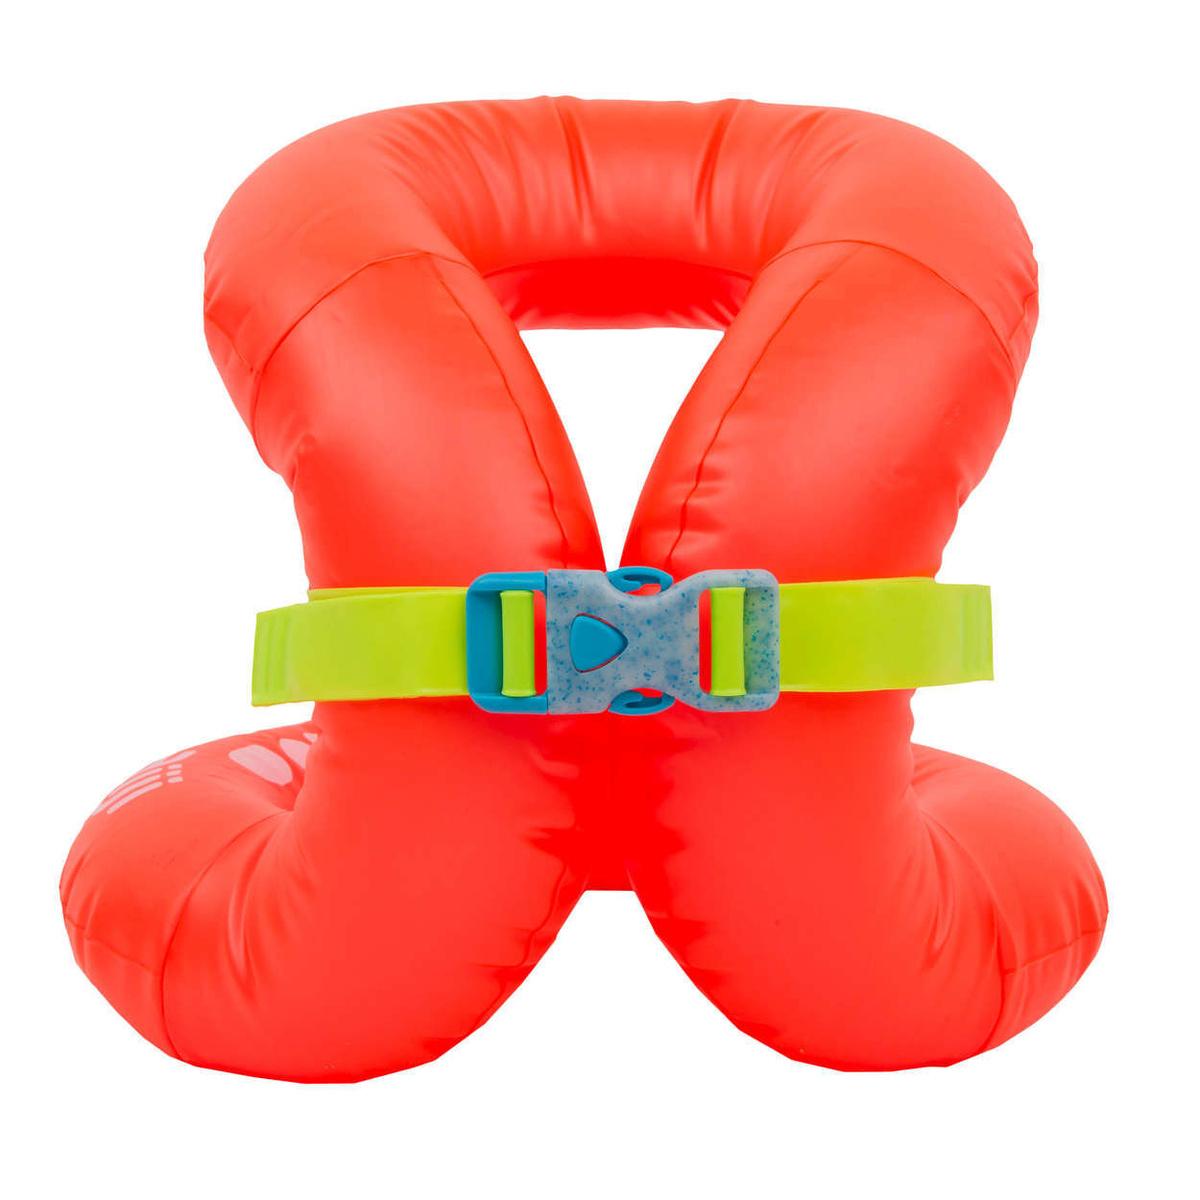 Жилет плавательный надувной оранжевый (для веса 18-30 кг) NABAIJI Х Декатлон  #1